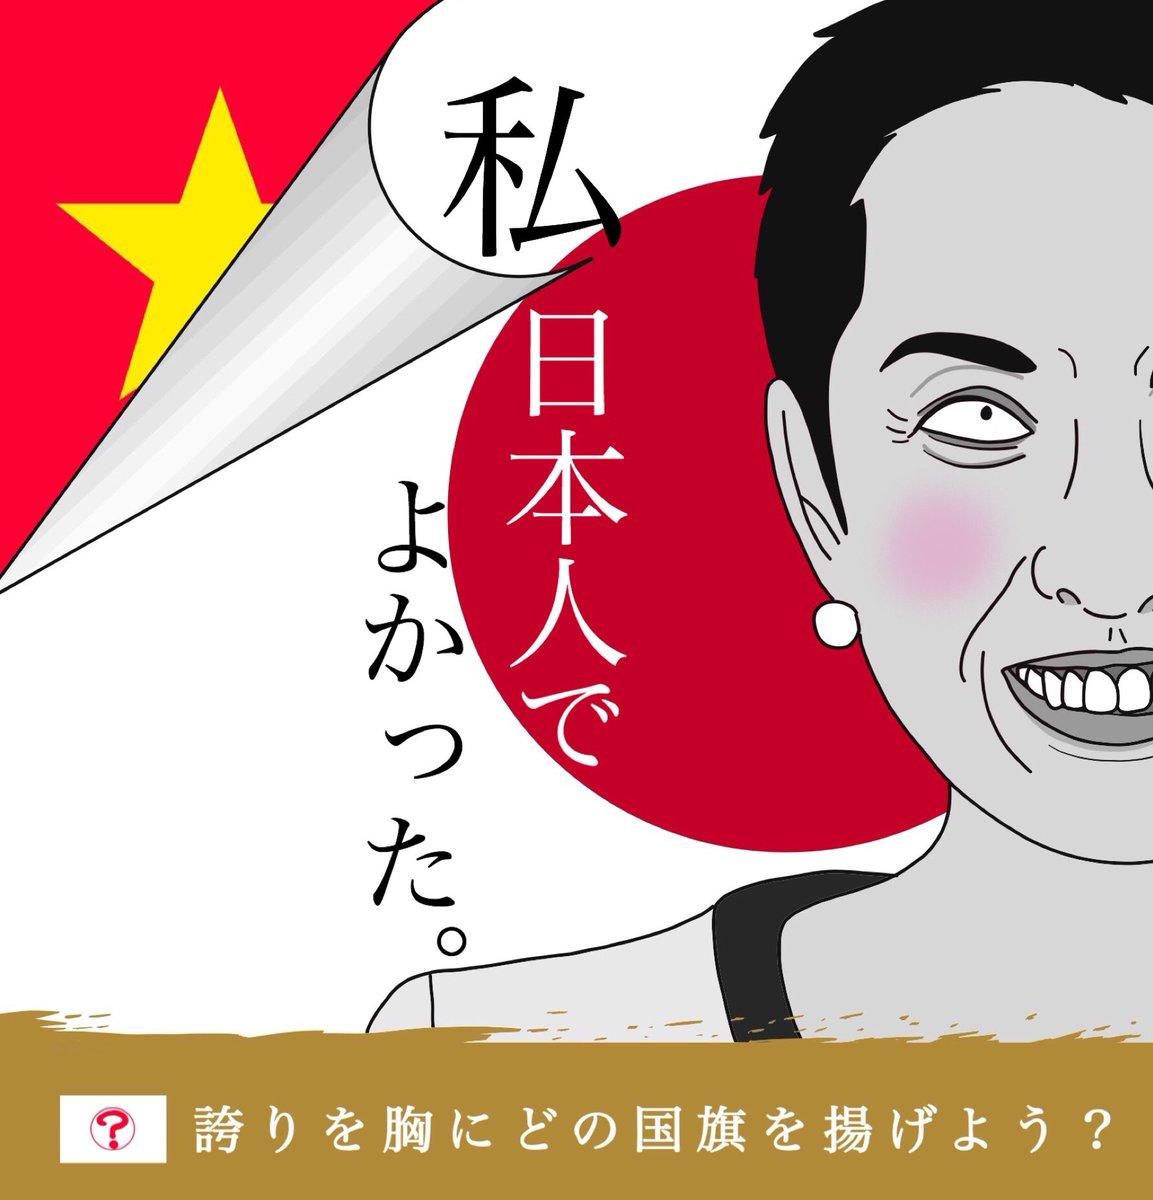 蓮舫さん、風刺ポスター投稿者をブロックして器の小ささを見せつける